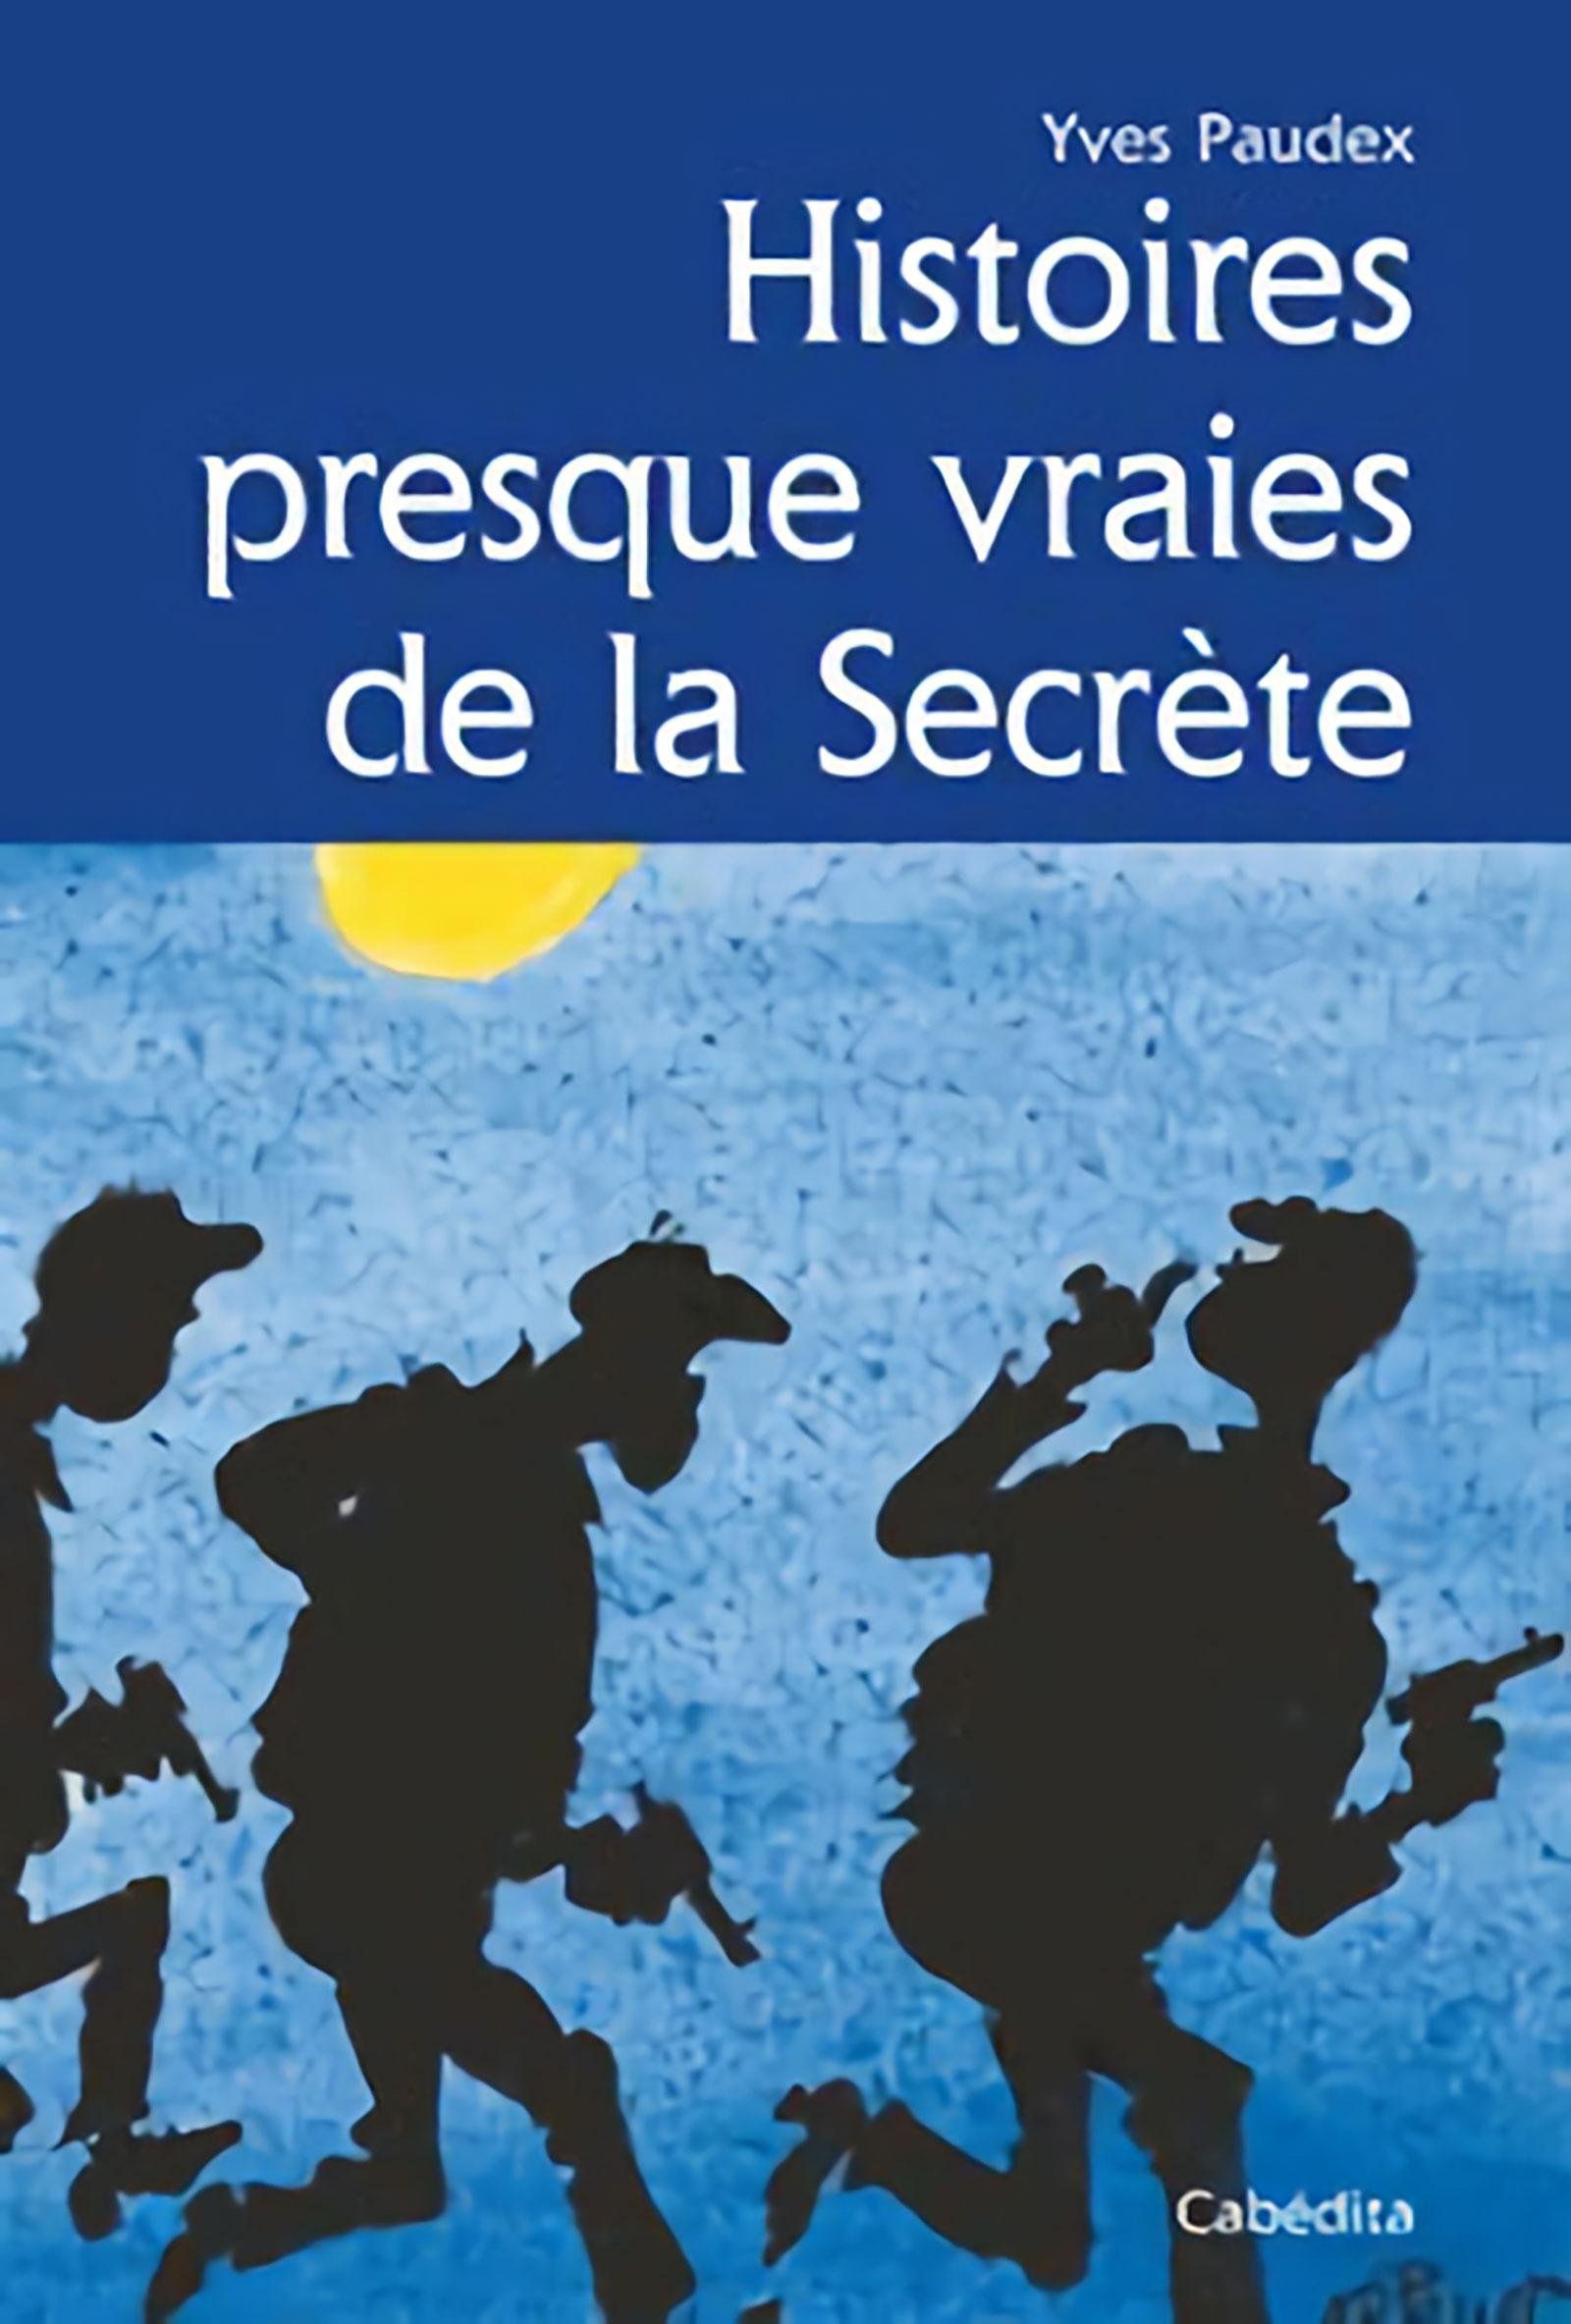 « Histoires presque vraies de La Secrète », d'Yves Paudex